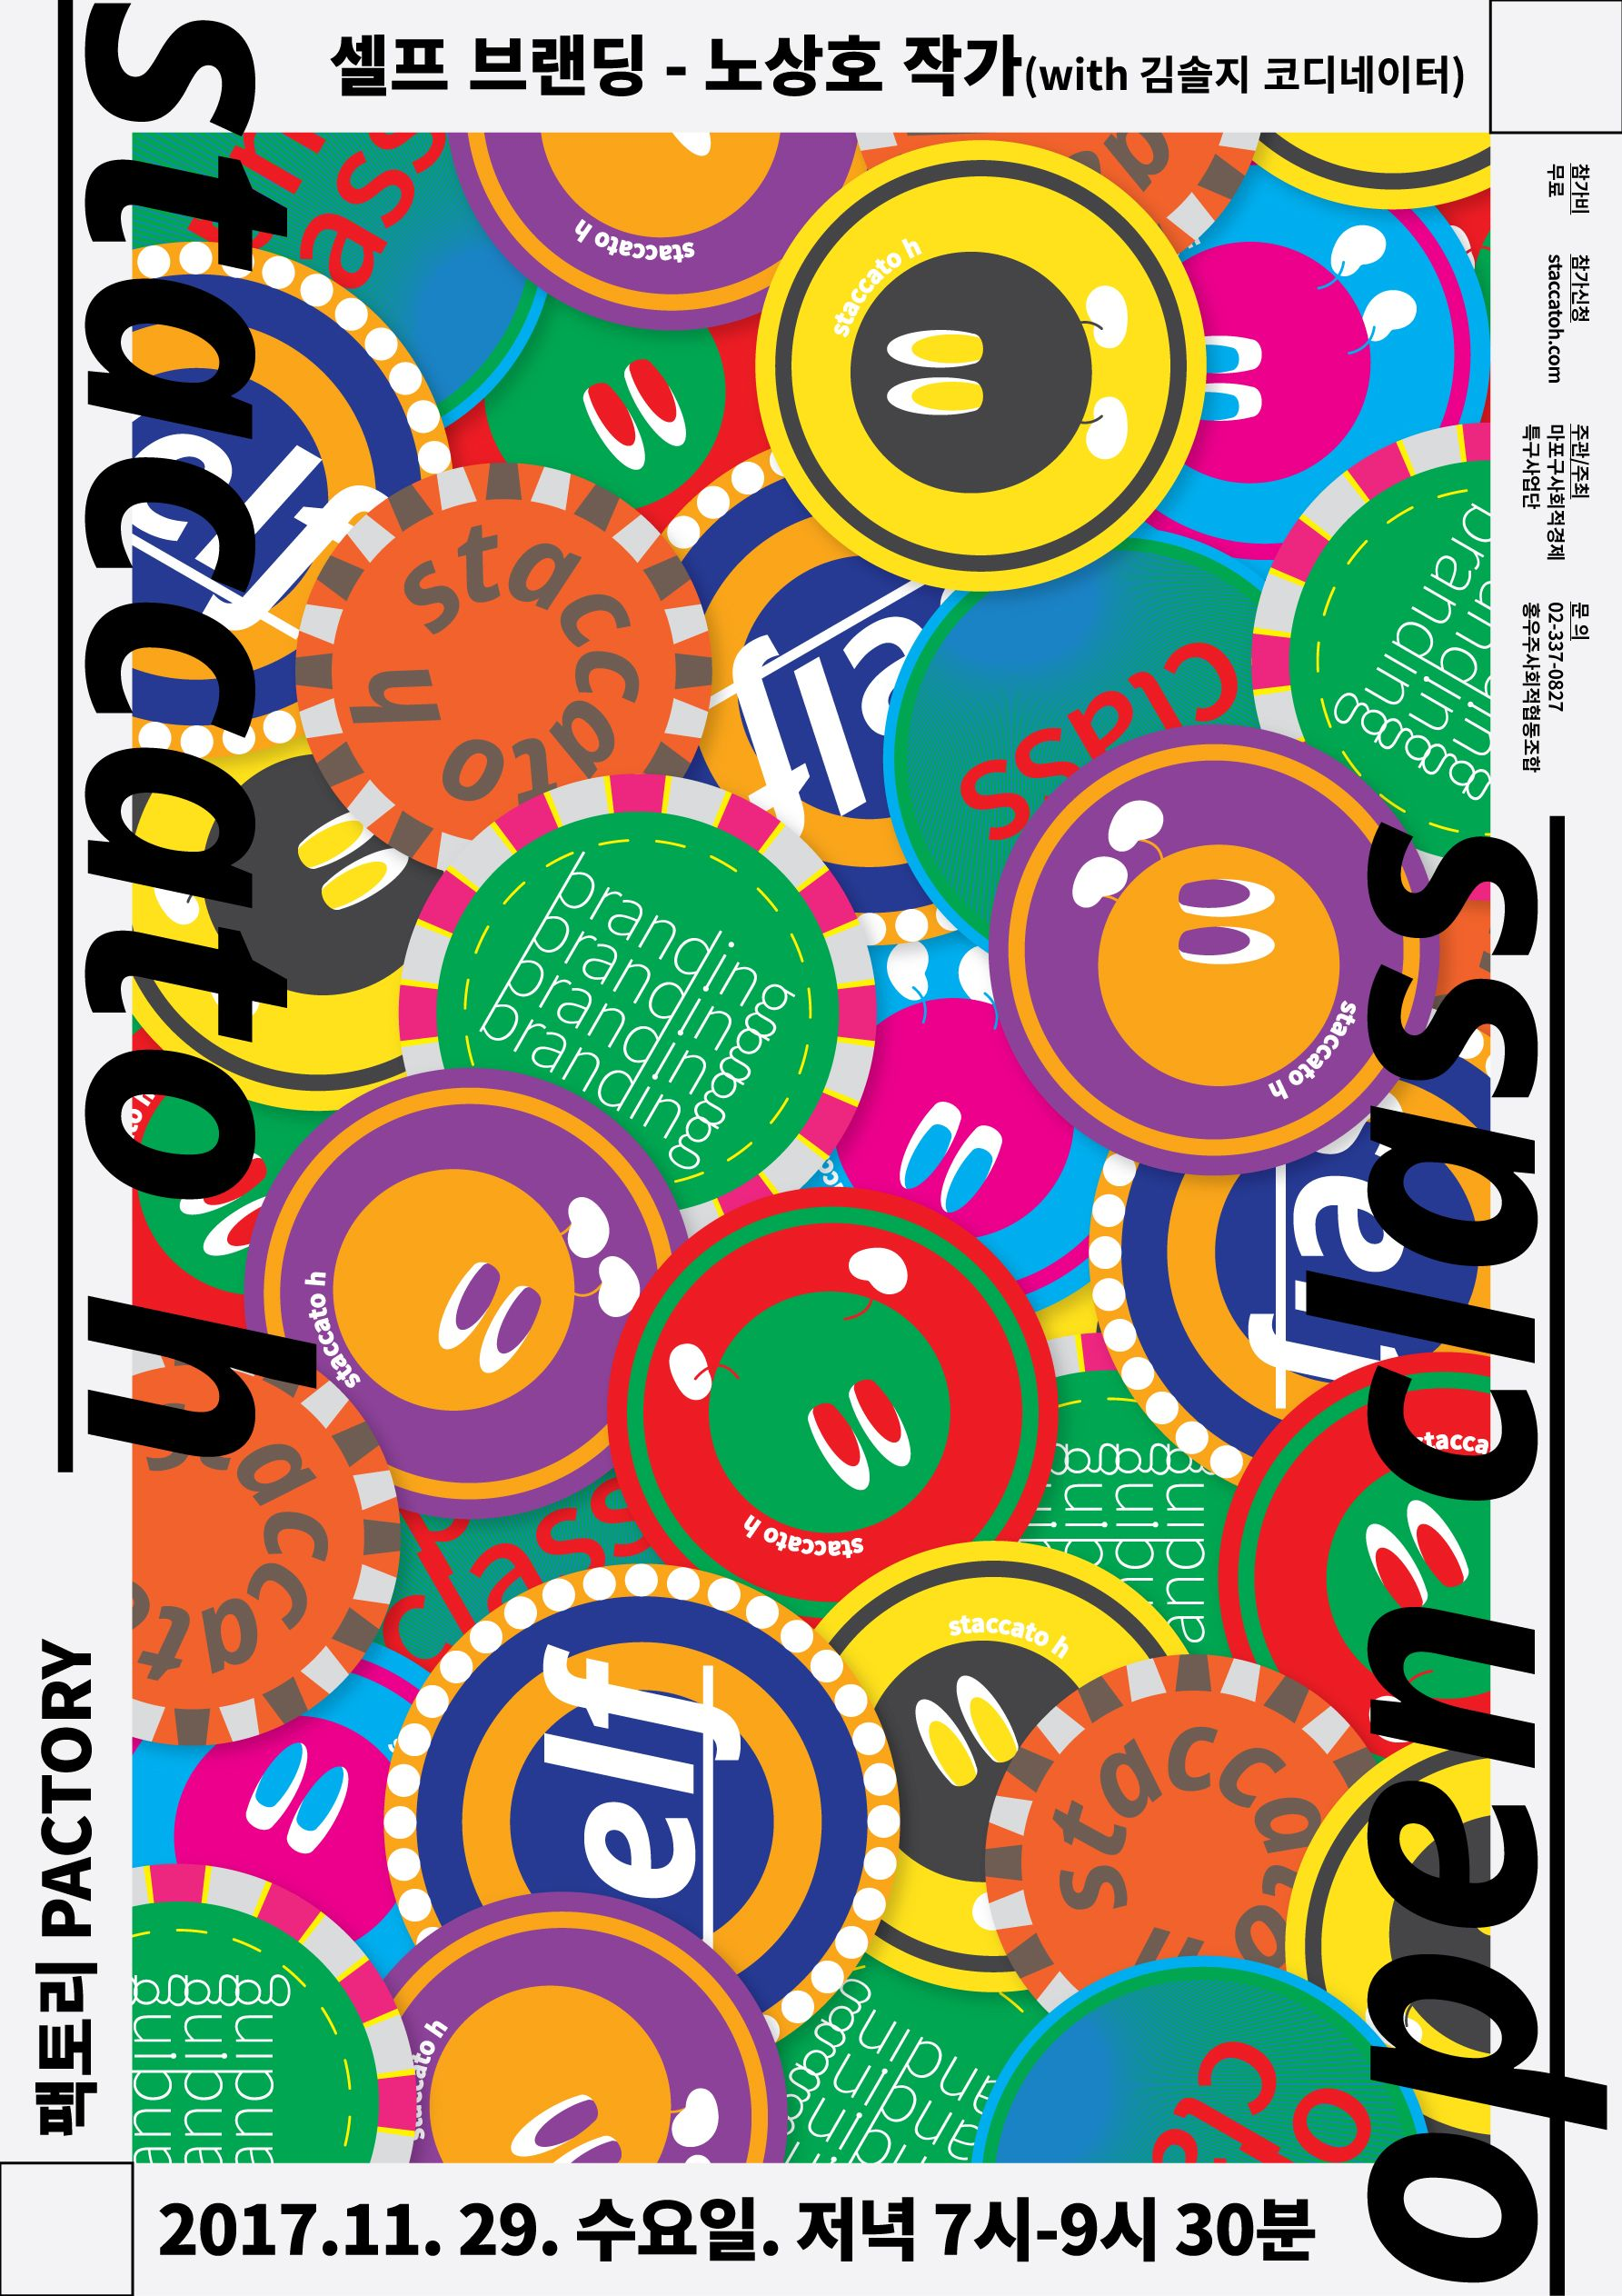 STACCATO H OPEN CLASS 셀프 브랜딩, staccato h, graphic design ...